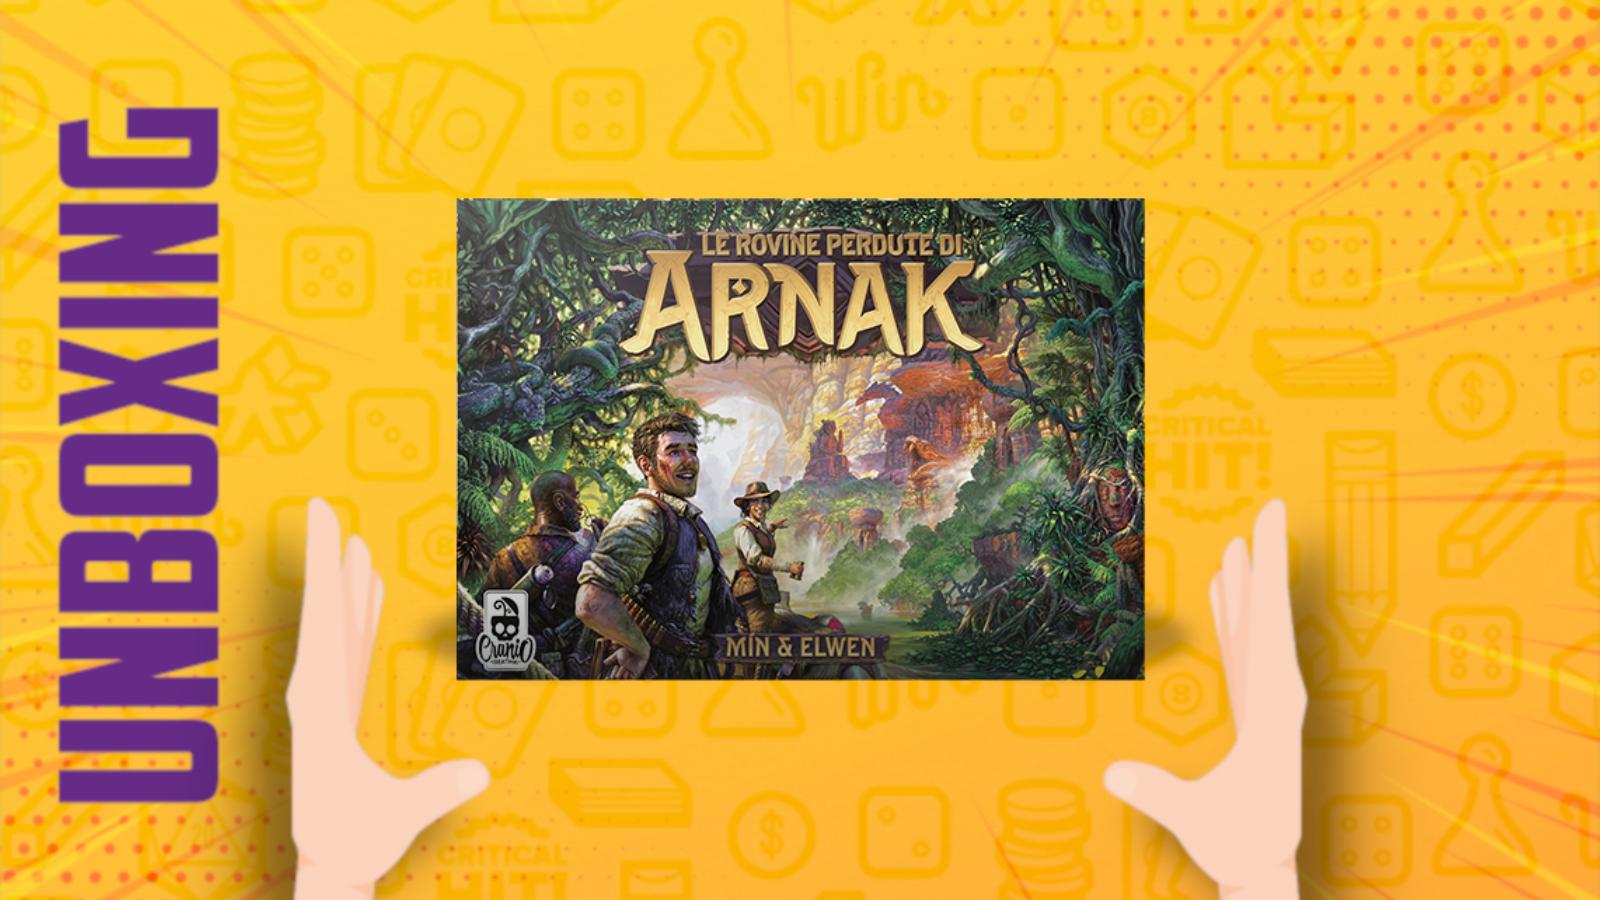 Le rovine perdute di Arnak – Unboxing